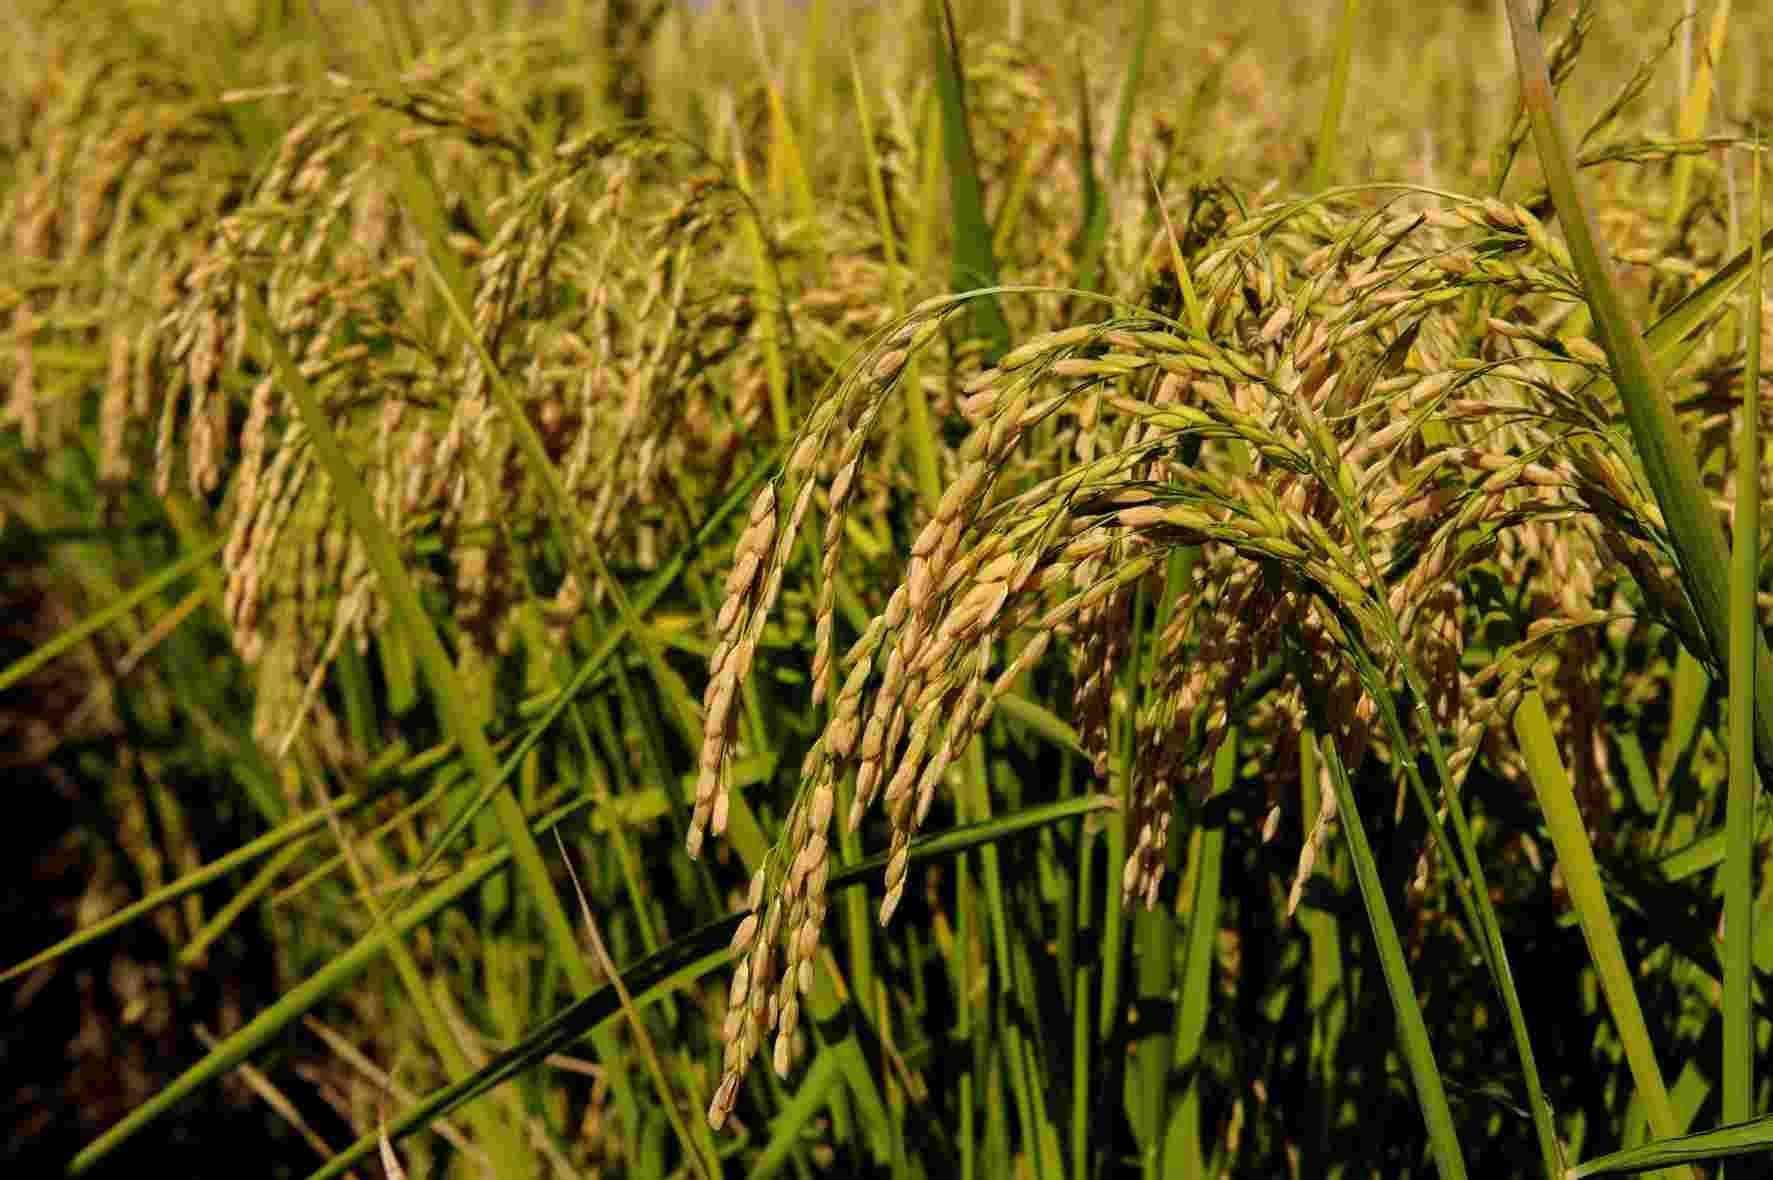 seme riso augusto dettaglio grano